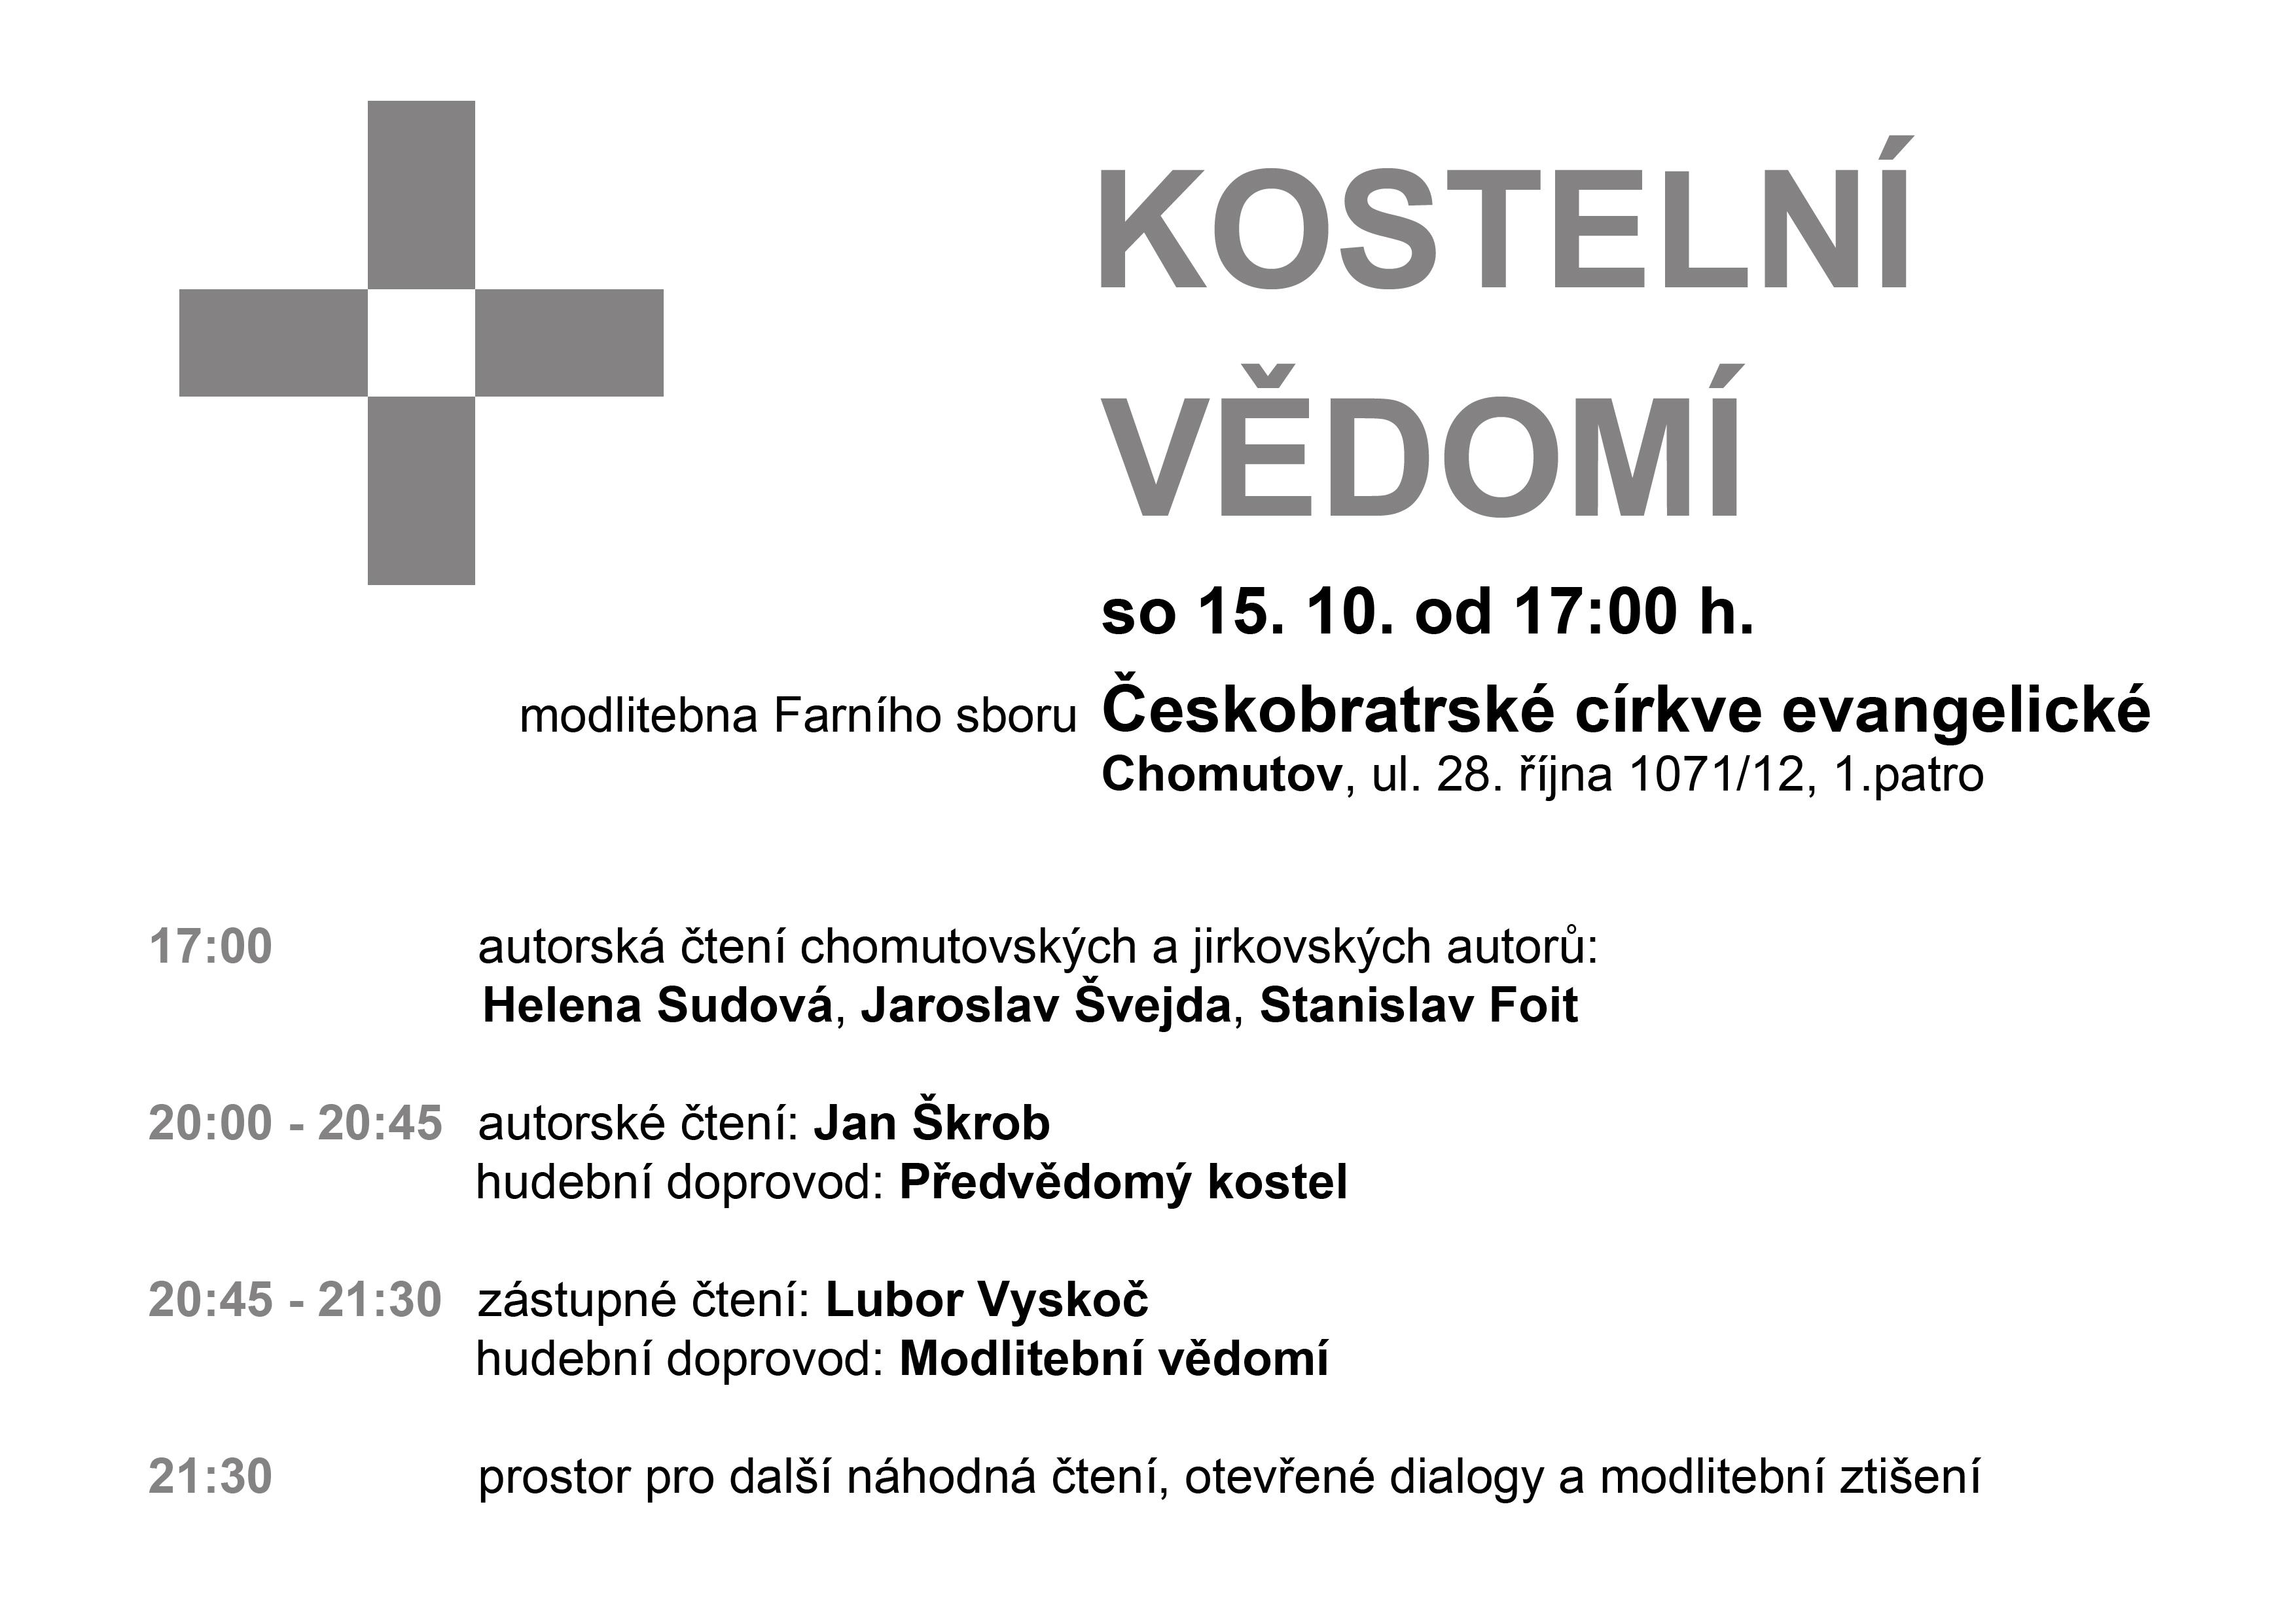 kostelni-vedomi-15-rijna-2016-cce-chomutov